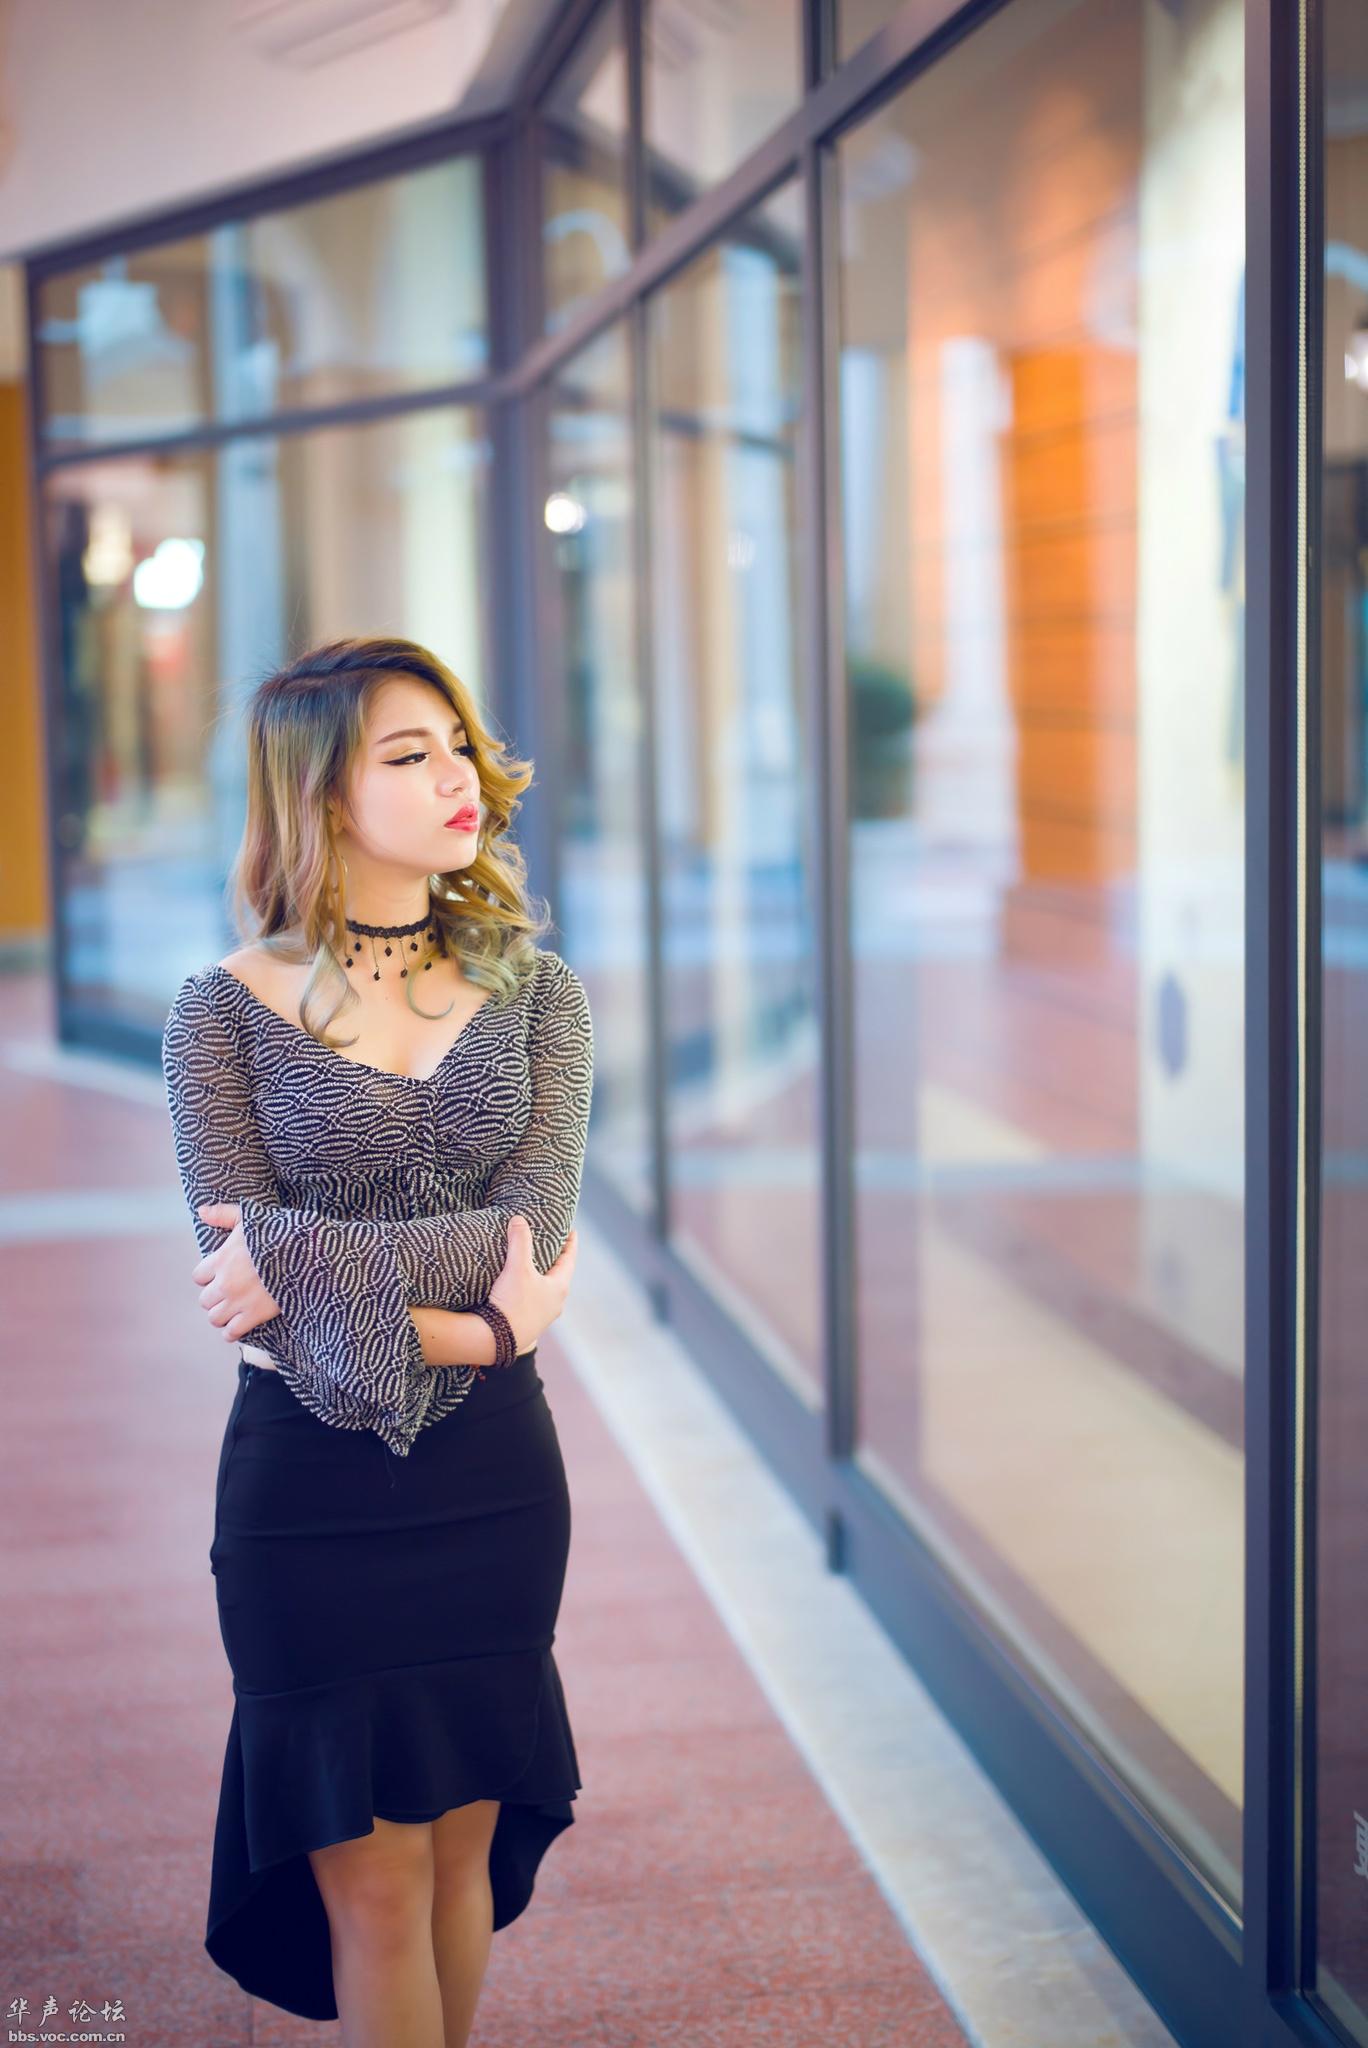 一梦千年,谁与我执手红尘,许一诺不离不弃【情感美文】 - 花仙子 - 花仙子的博客.